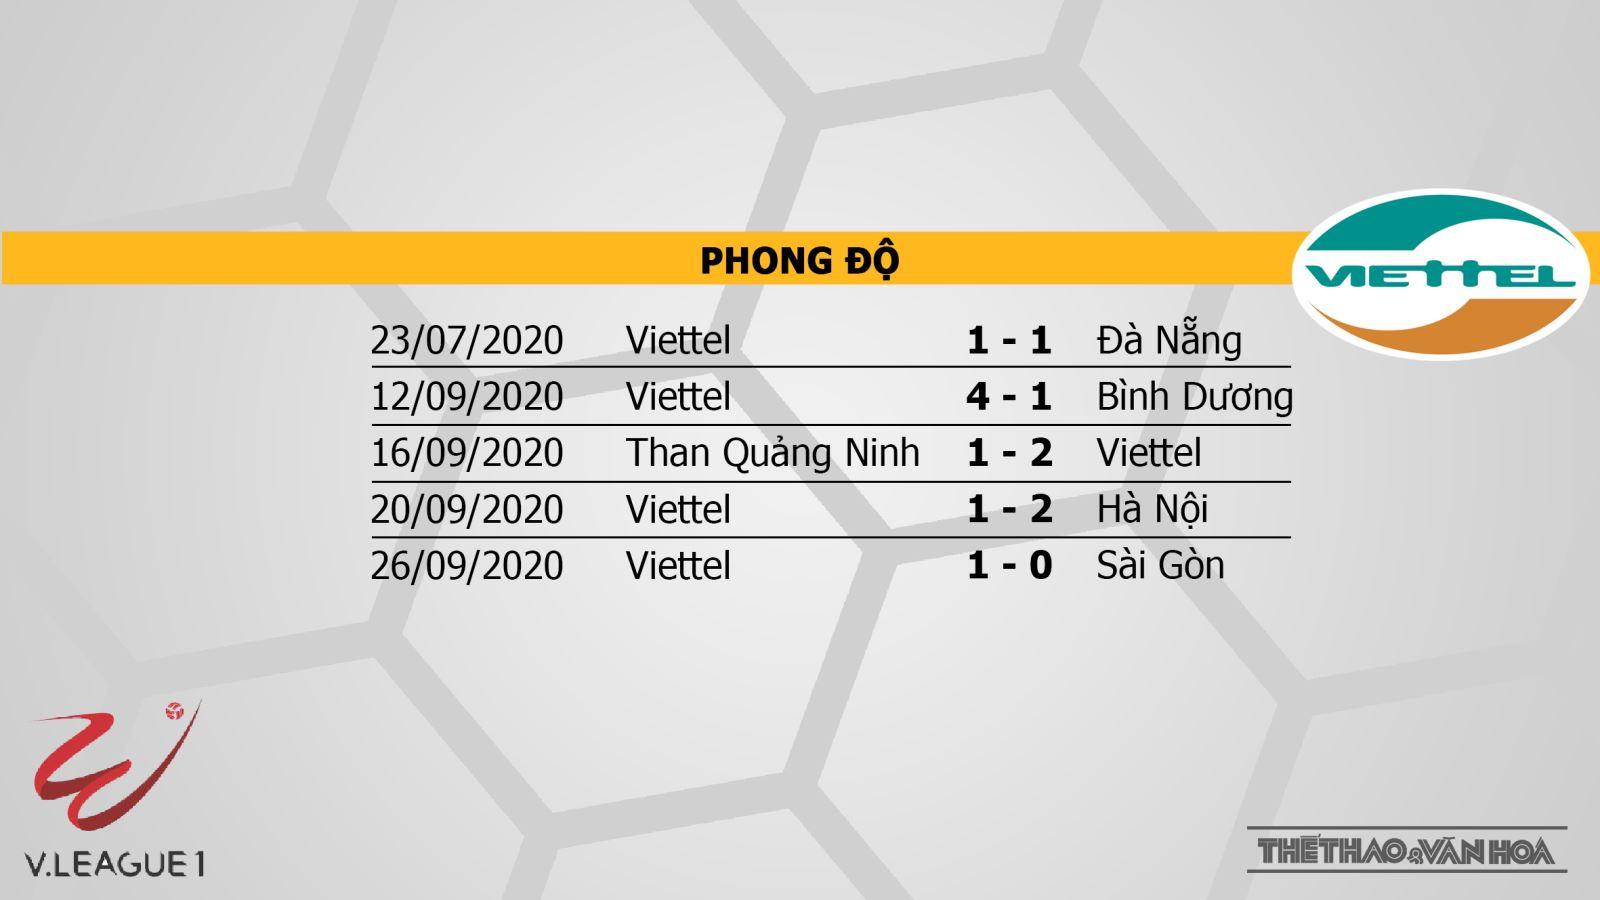 Keo nha cai, kèo nhà cái, Soi kèo bóng đá, Bình Dương vs Viettel, BĐTV, Trực tiếp Bình Dương đấu với Viettel, Lịch thi đấu V-League vòng 13, Trực tiếp bóng đá Việt Nam